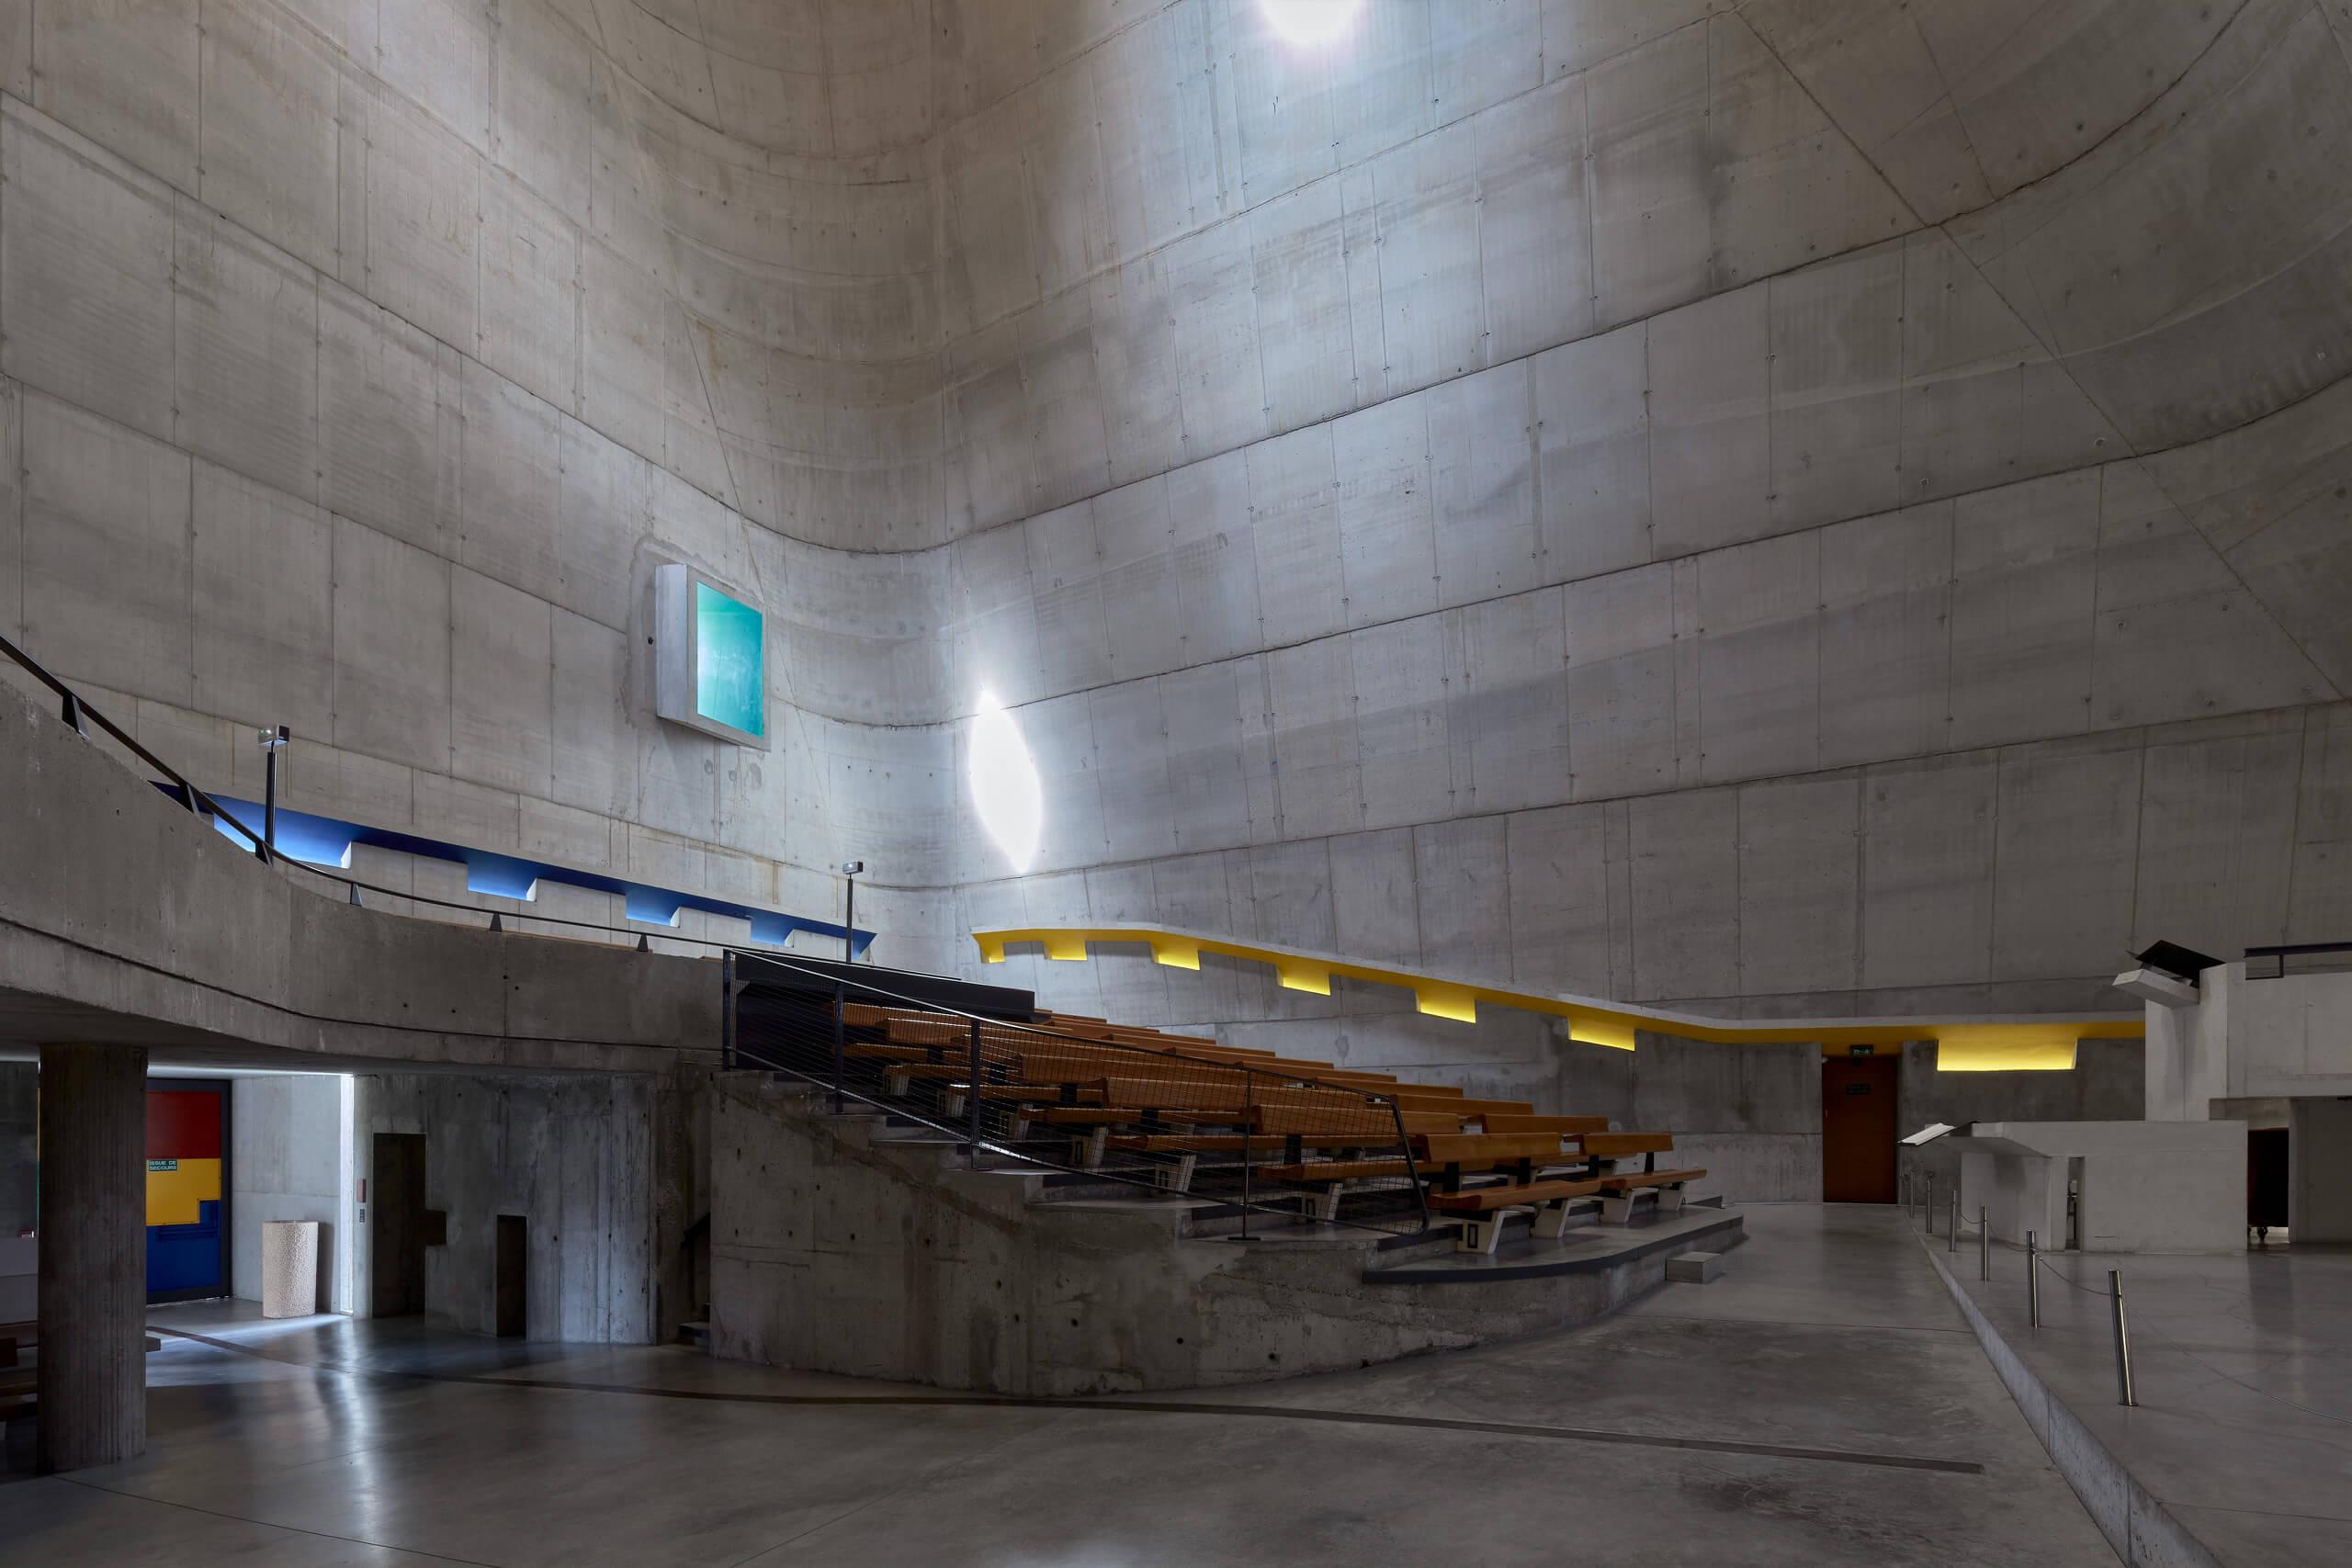 European Modern Architectural Heritage in the Twentieth-century